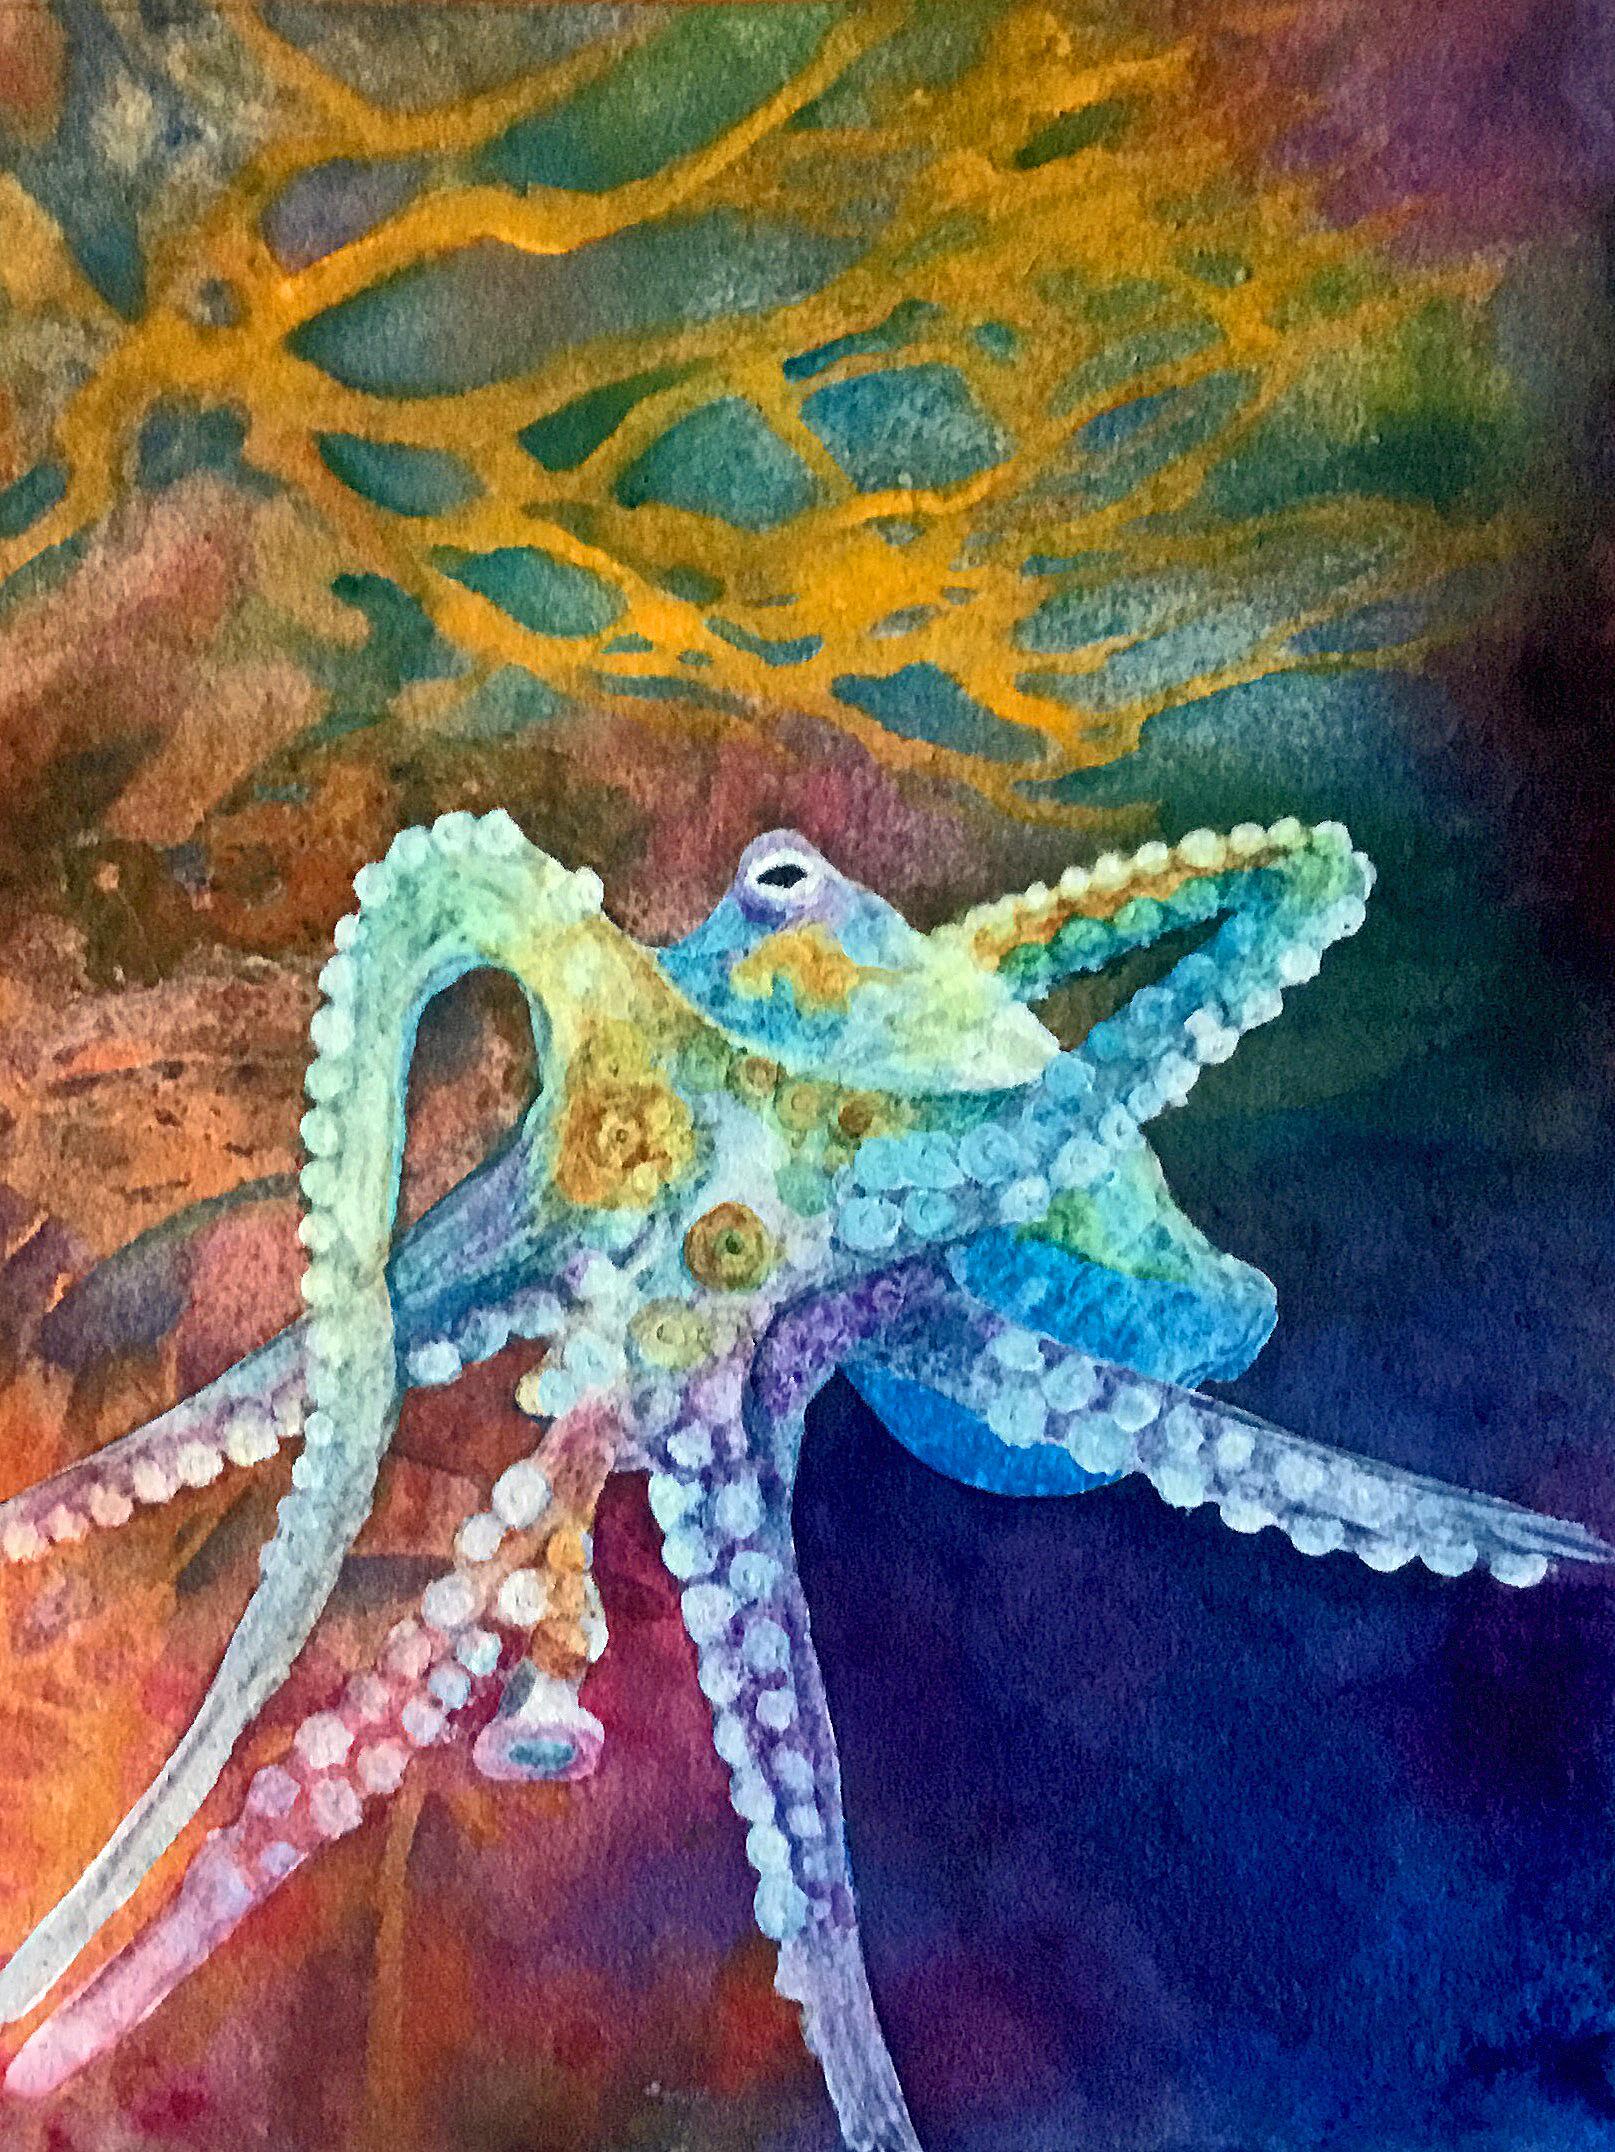 Octopus Garden II